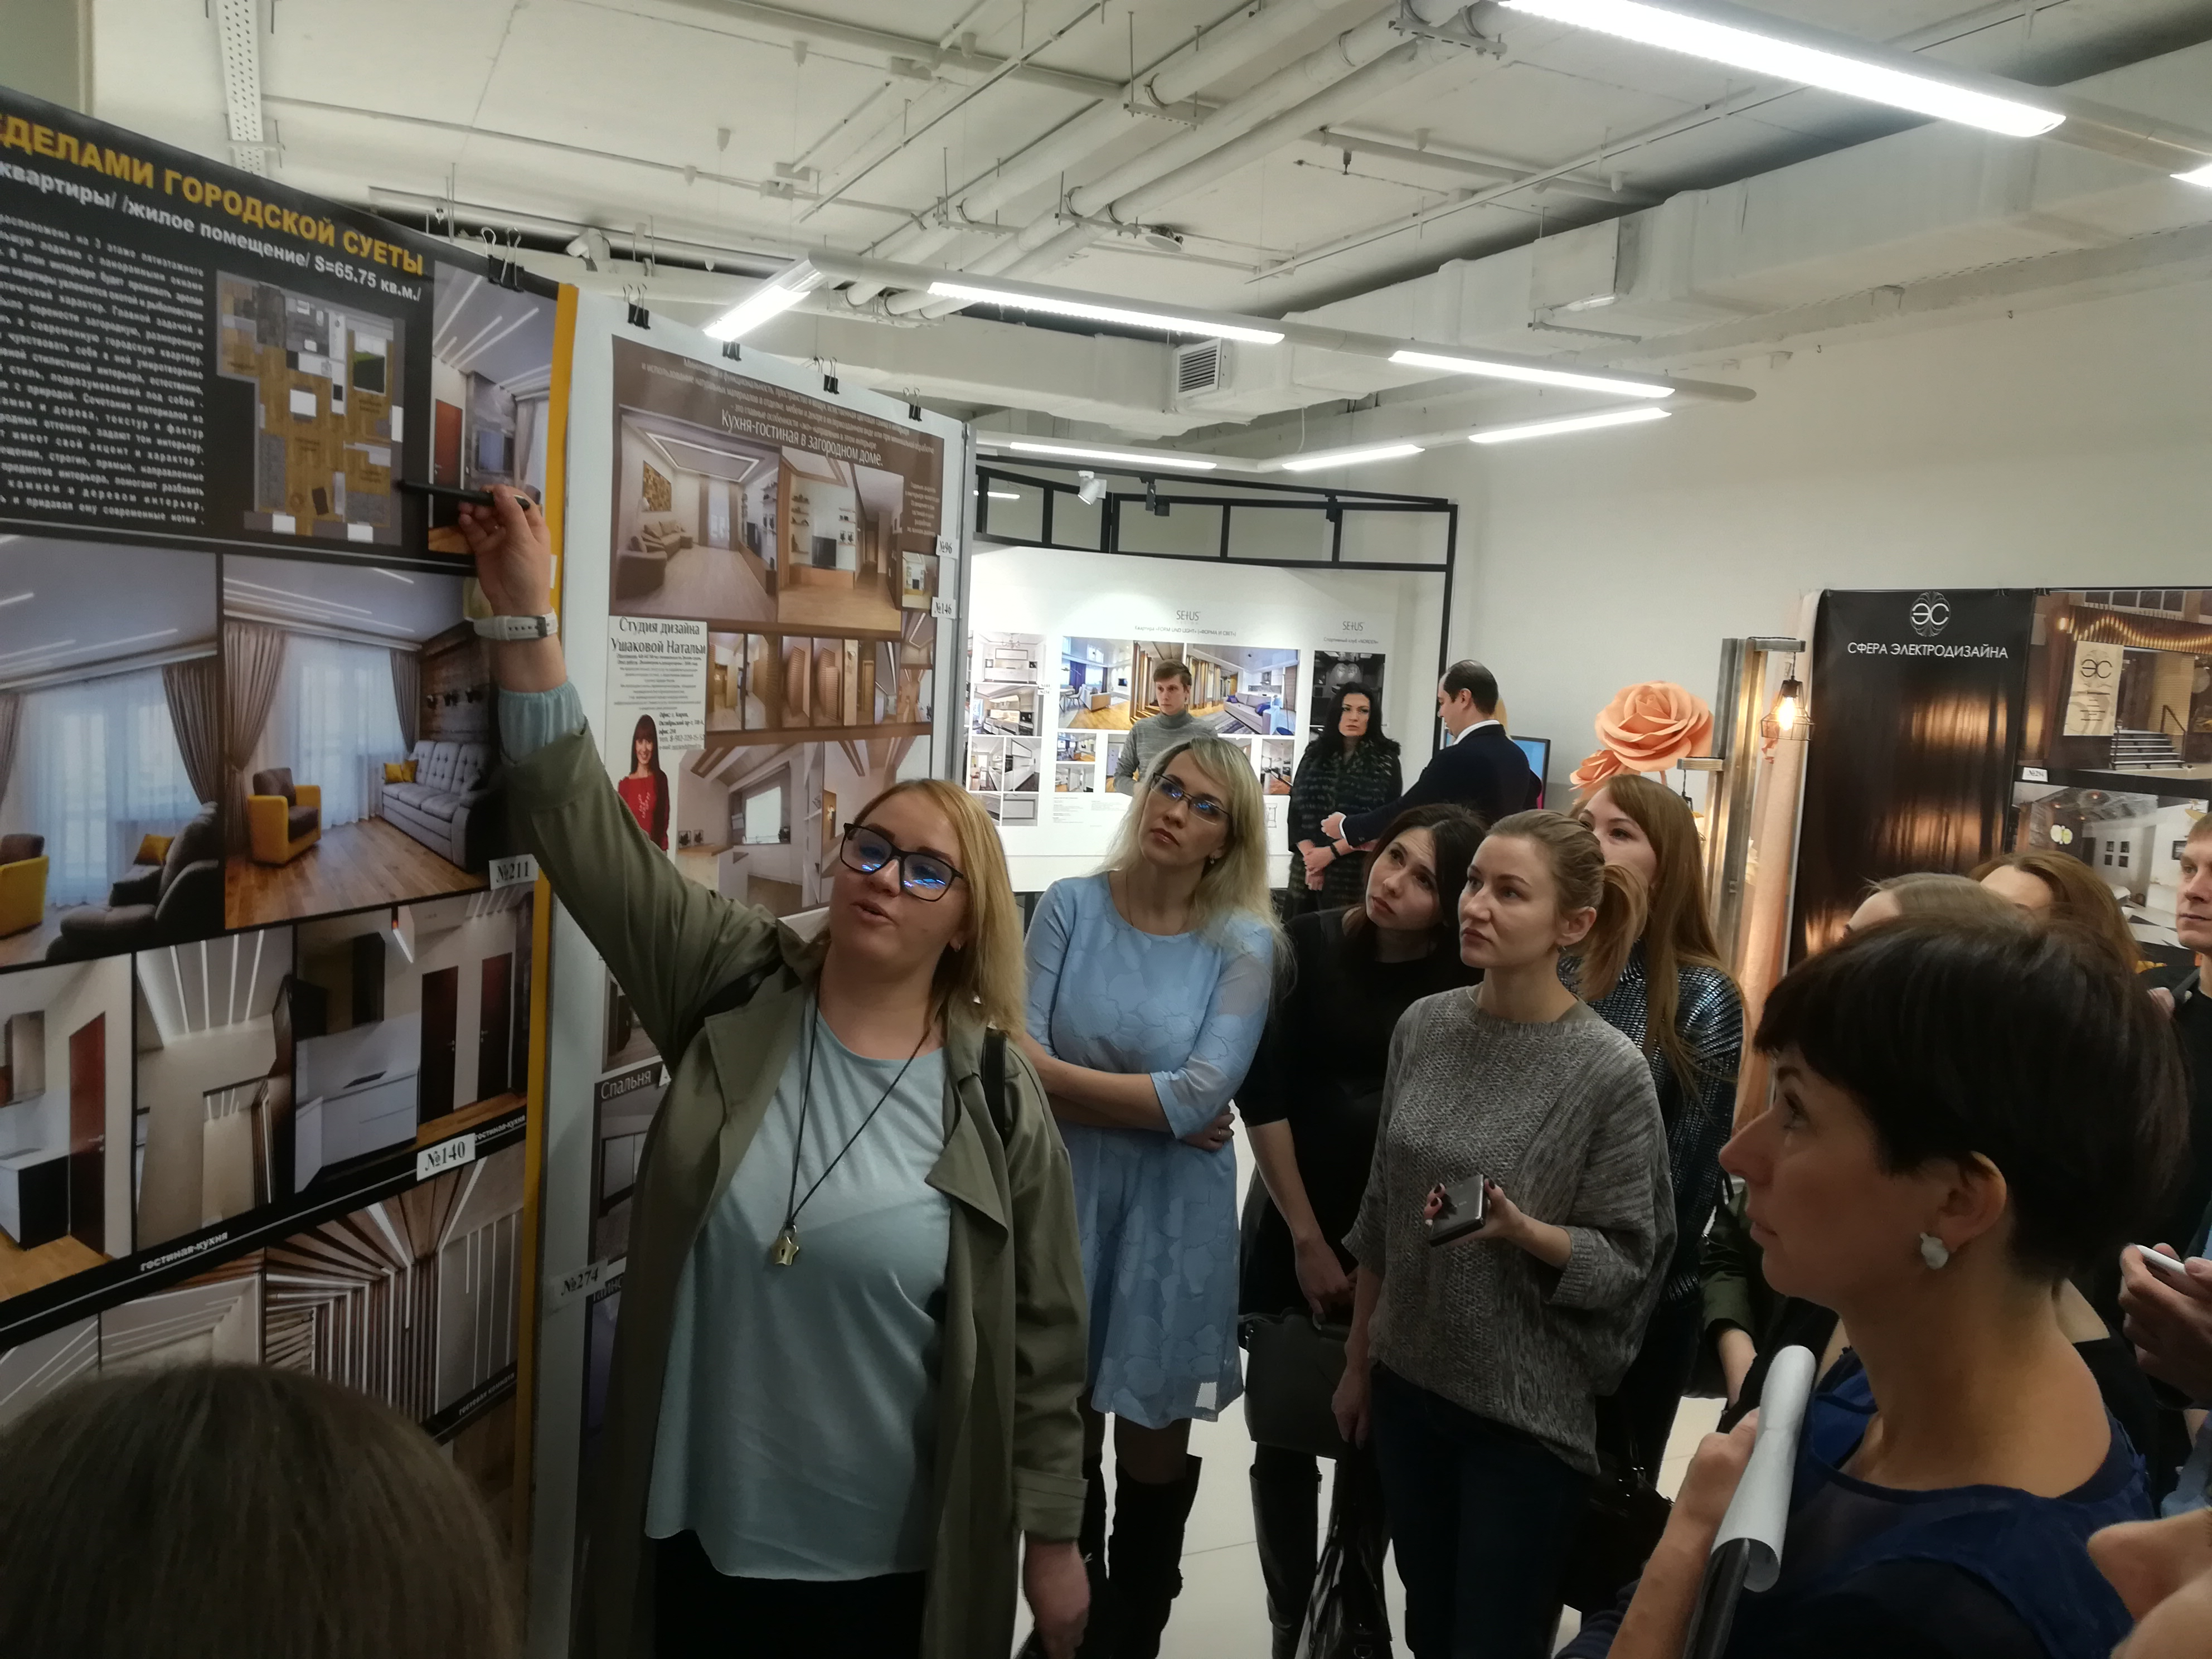 Лучшие интерьеры квартир покажут на выставке «Сфера дизайна»